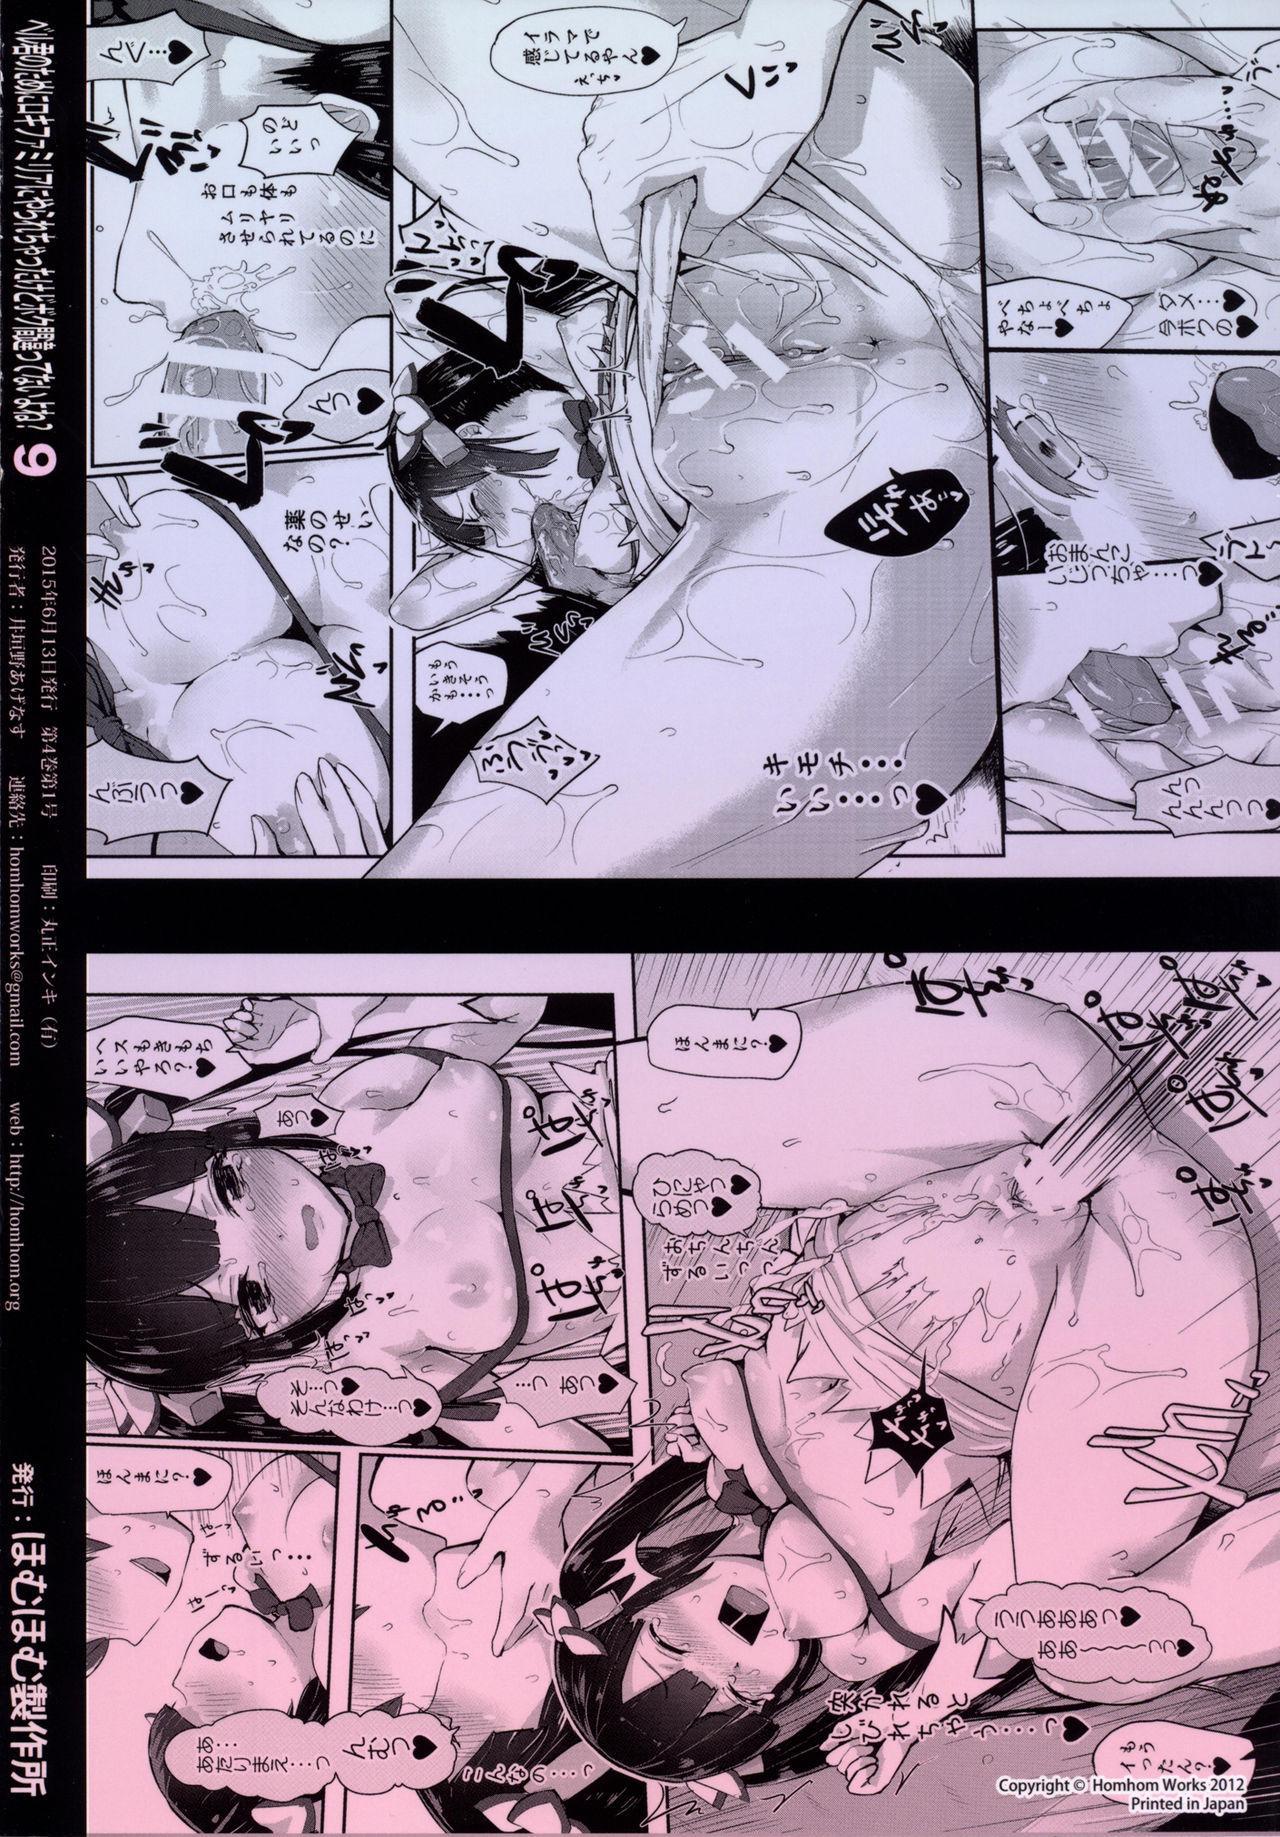 Bell-kun no Tame ni Loki Familiar ni Yararechatta kedo Boku Machigattenai yo ne? 31